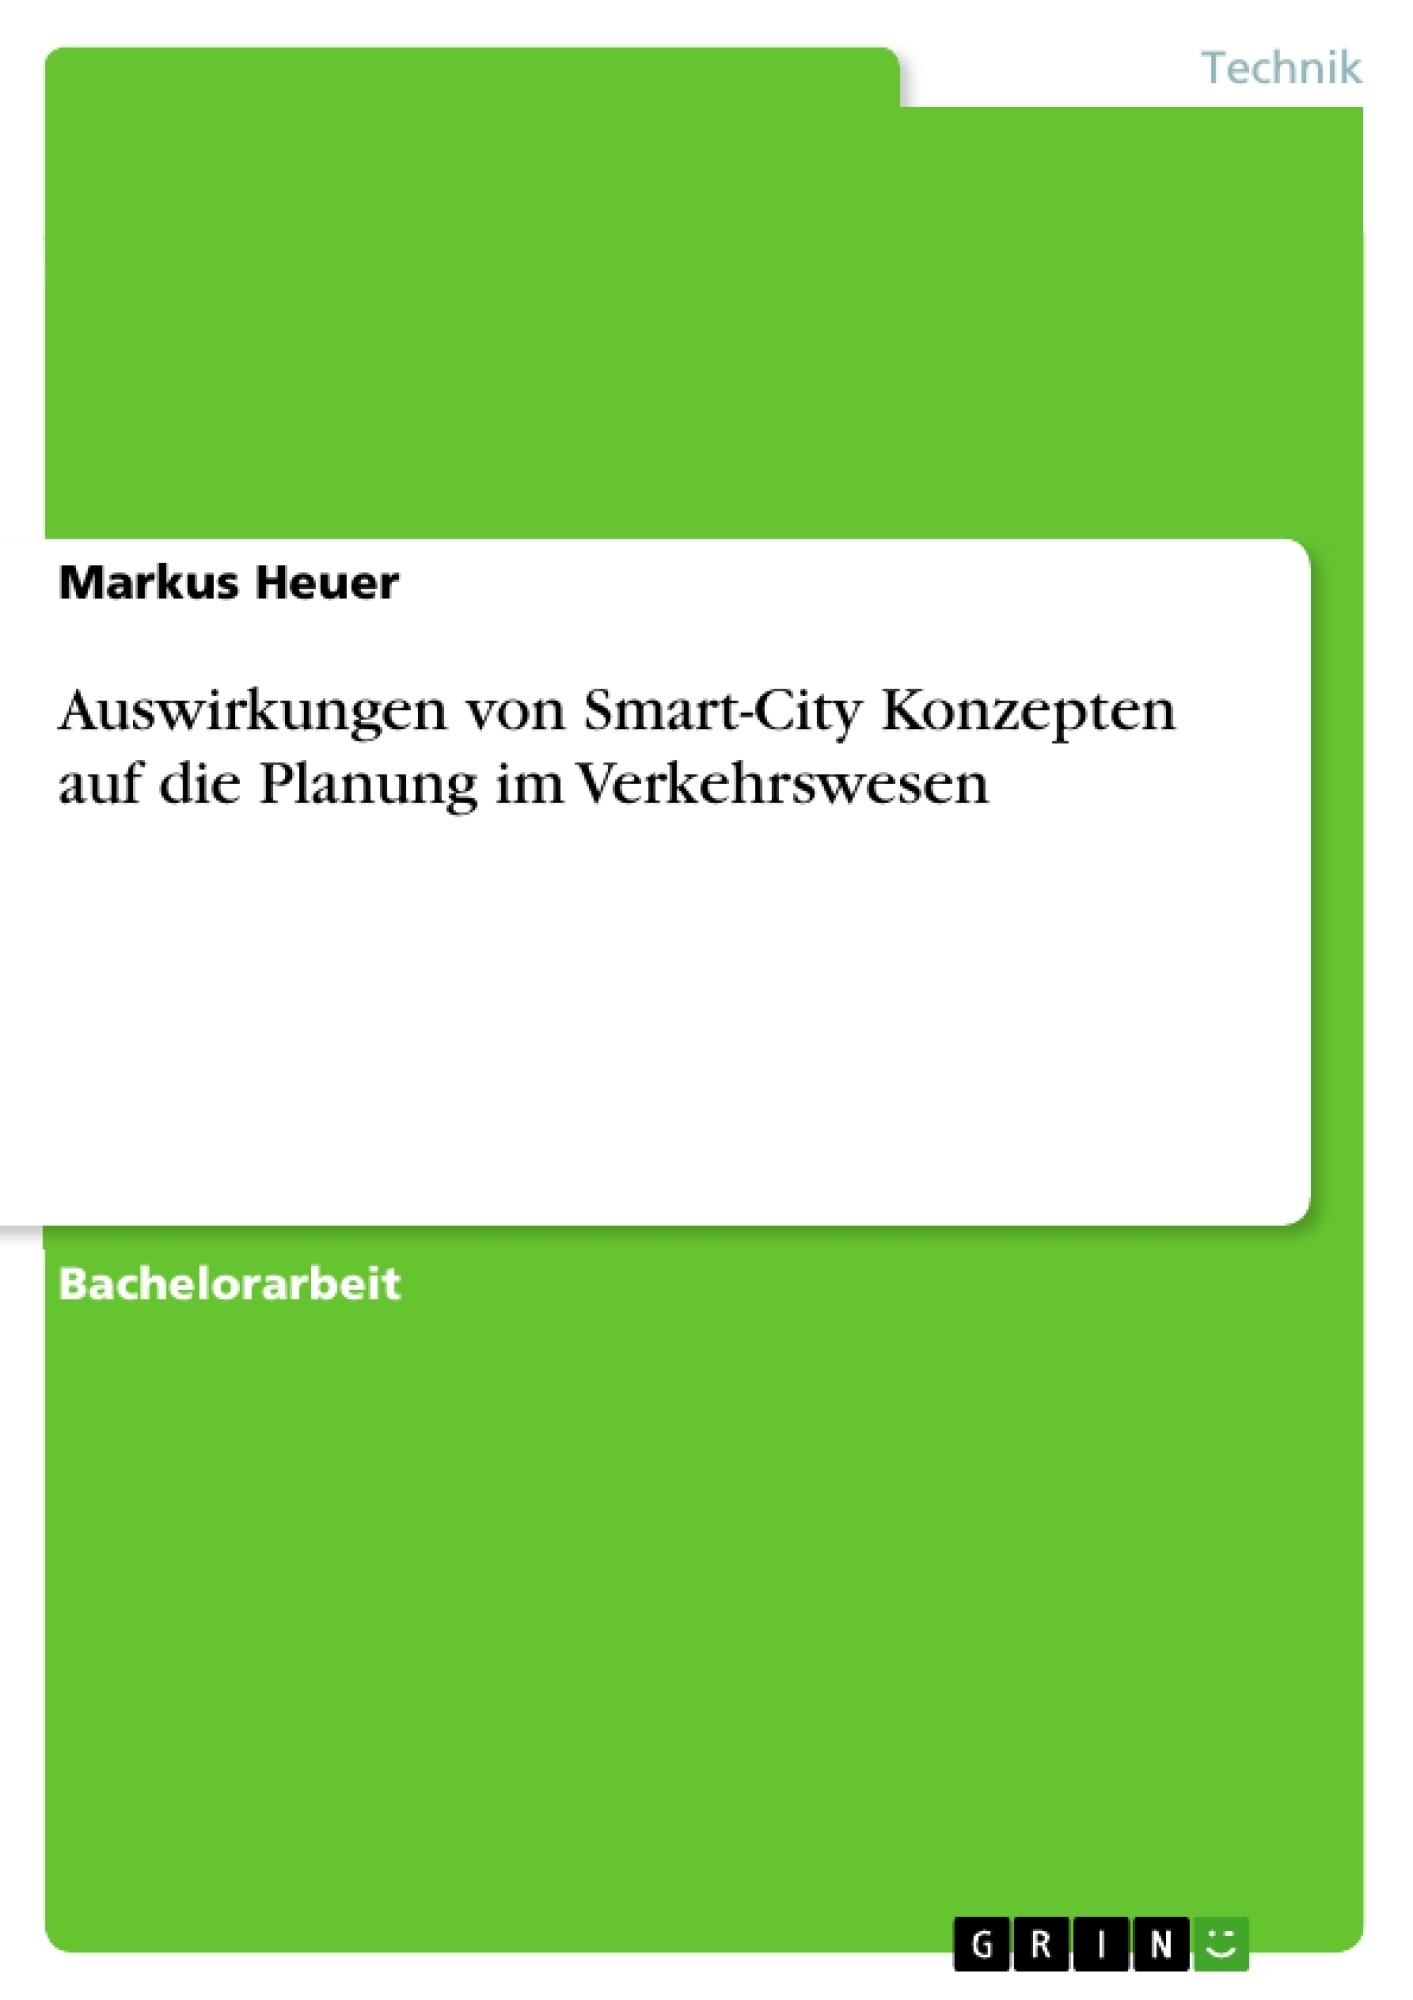 Titel: Auswirkungen von Smart-City Konzepten auf die Planung im Verkehrswesen